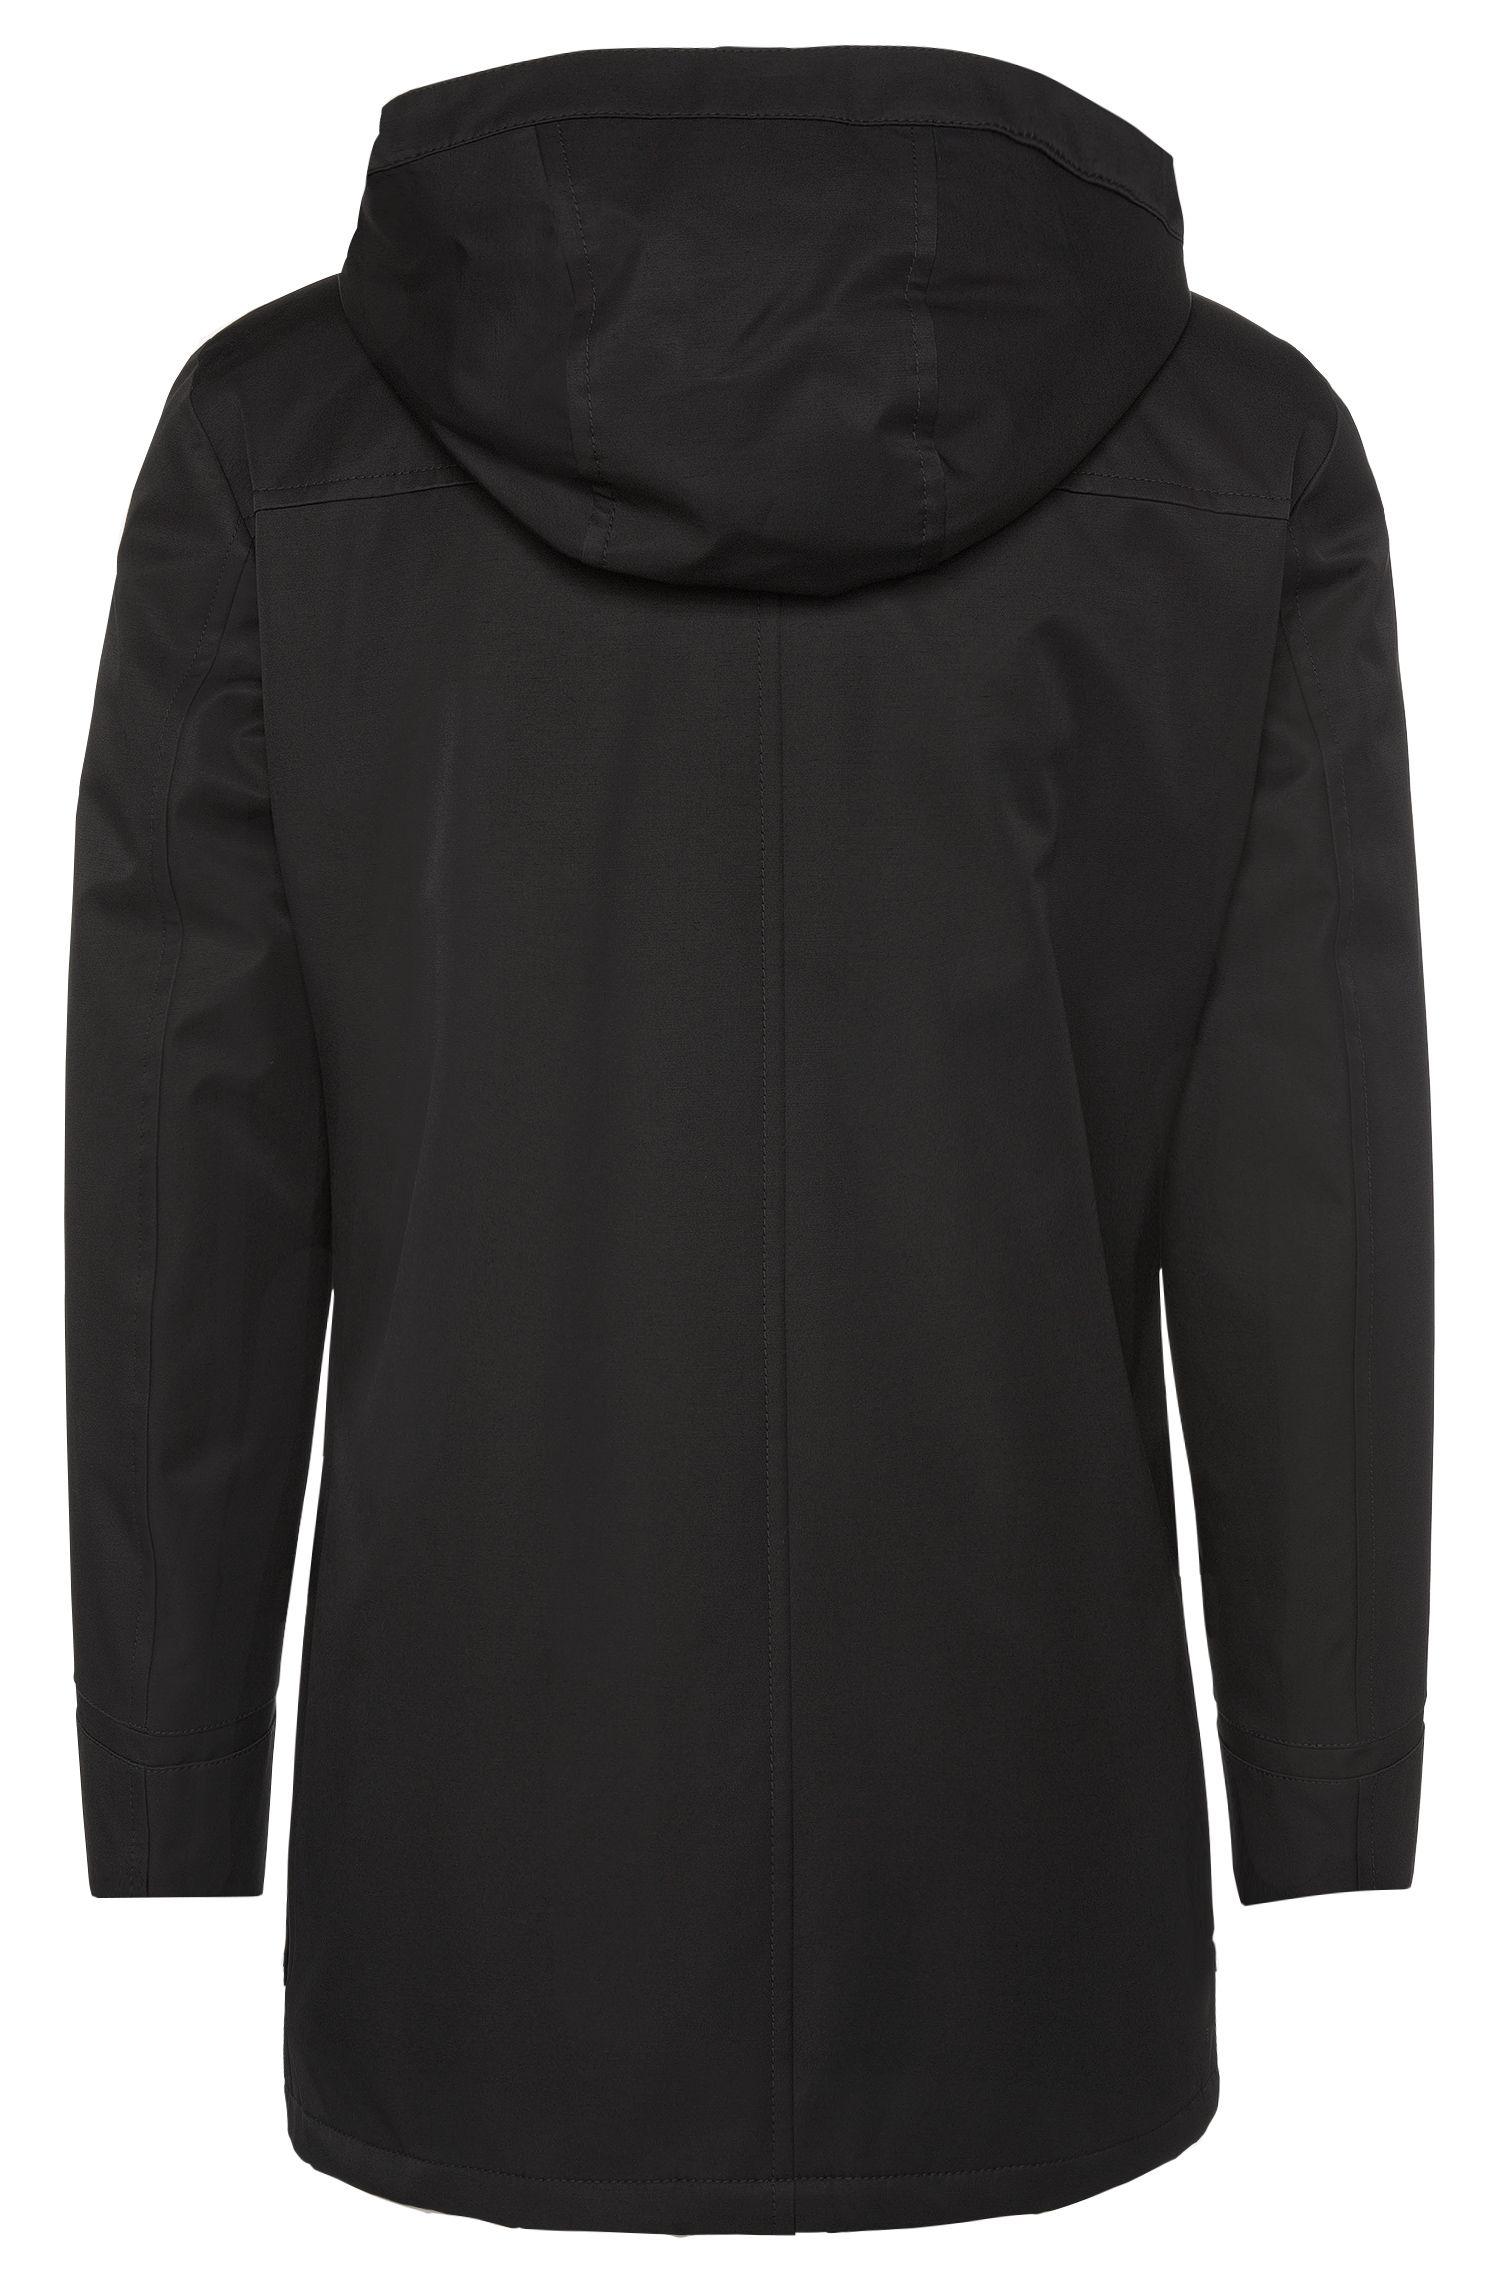 Gefütterter Duffle Coat aus wasserabweisendem Gewebe: 'Mektor1'